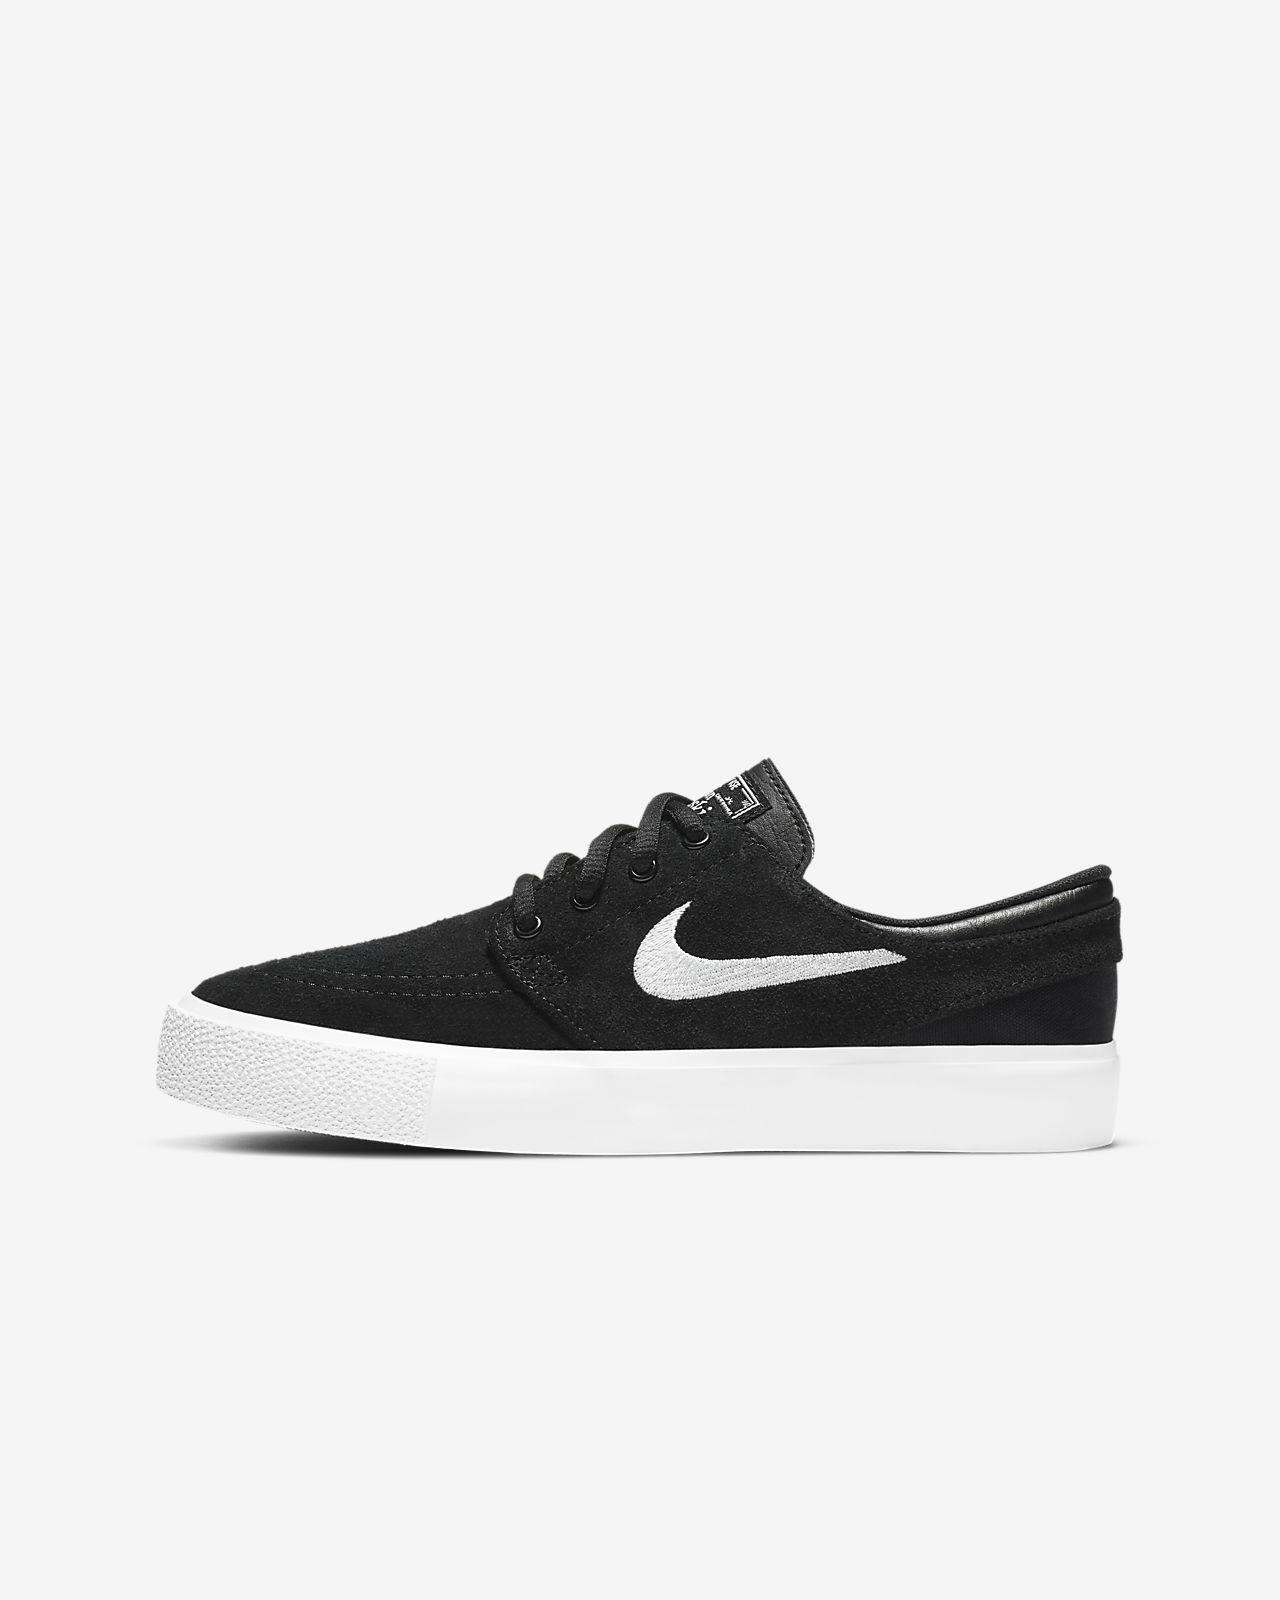 Buty do skateboardingu dla dużych dzieci Nike SB Stefan Janoski